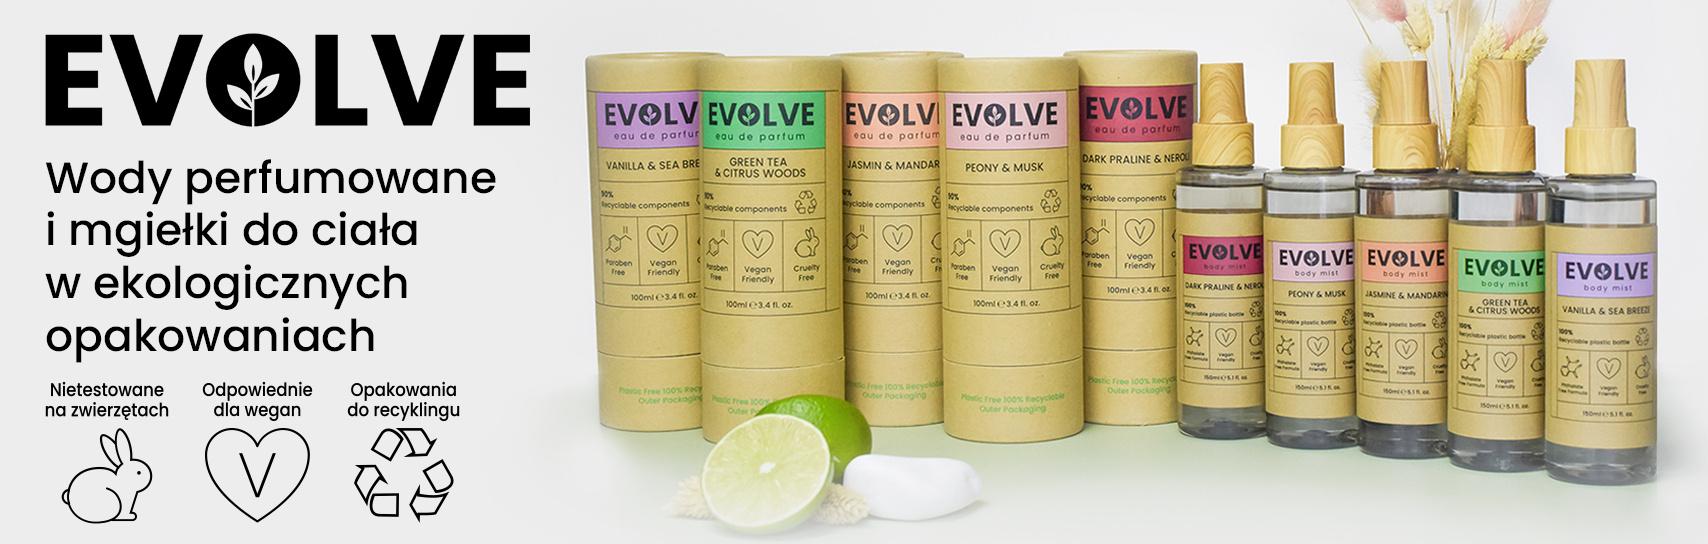 [Evolve - wody perfumowane - produkty]